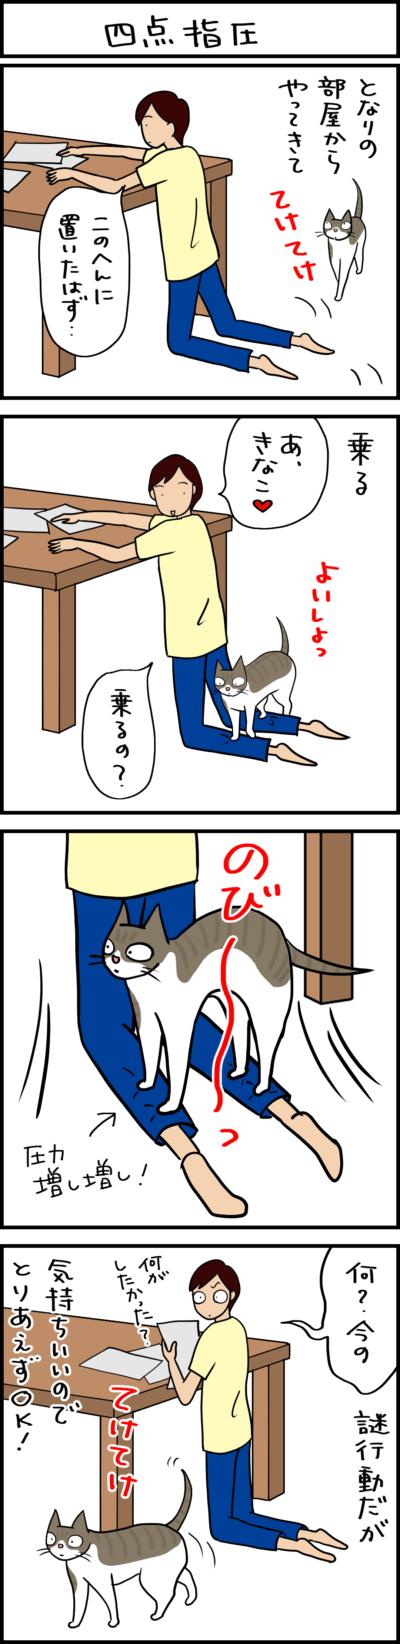 謎行動の猫の4コマ猫漫画